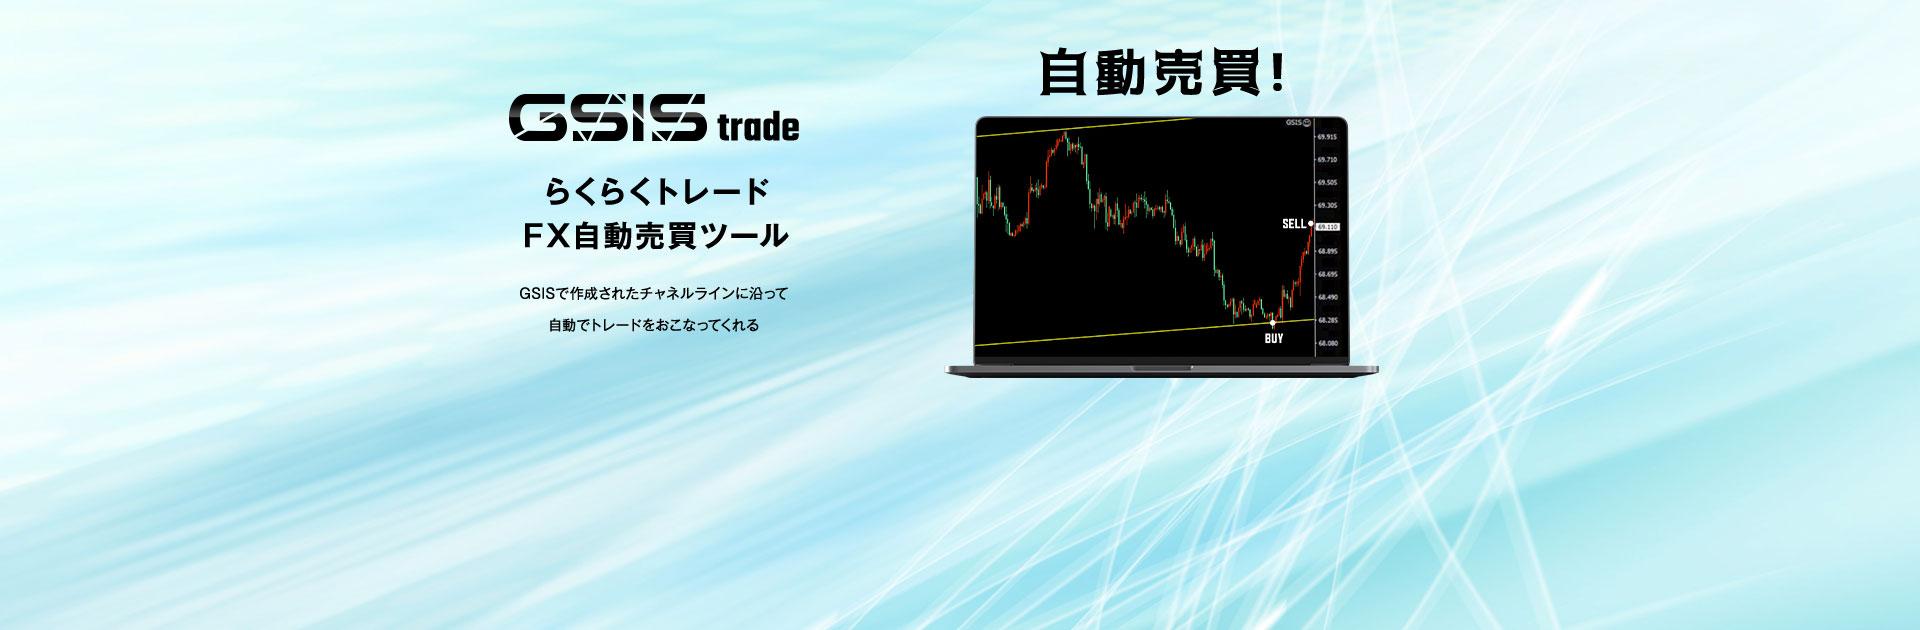 らくらくトレード FX自動売買ツール「GSIS trade」